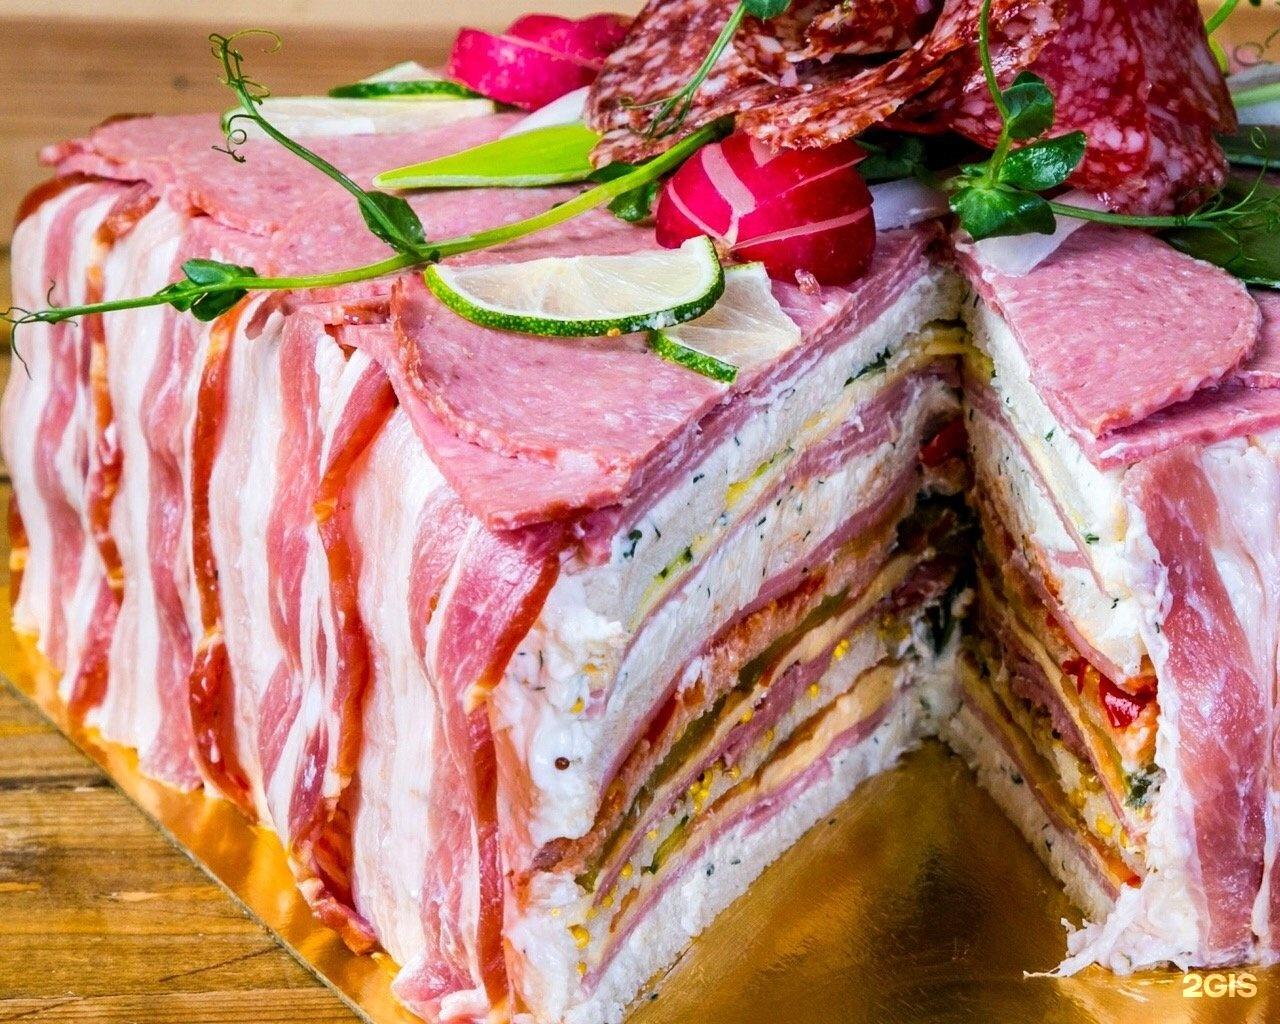 крымском мясной торт рецепт с фото пошагово текстилем